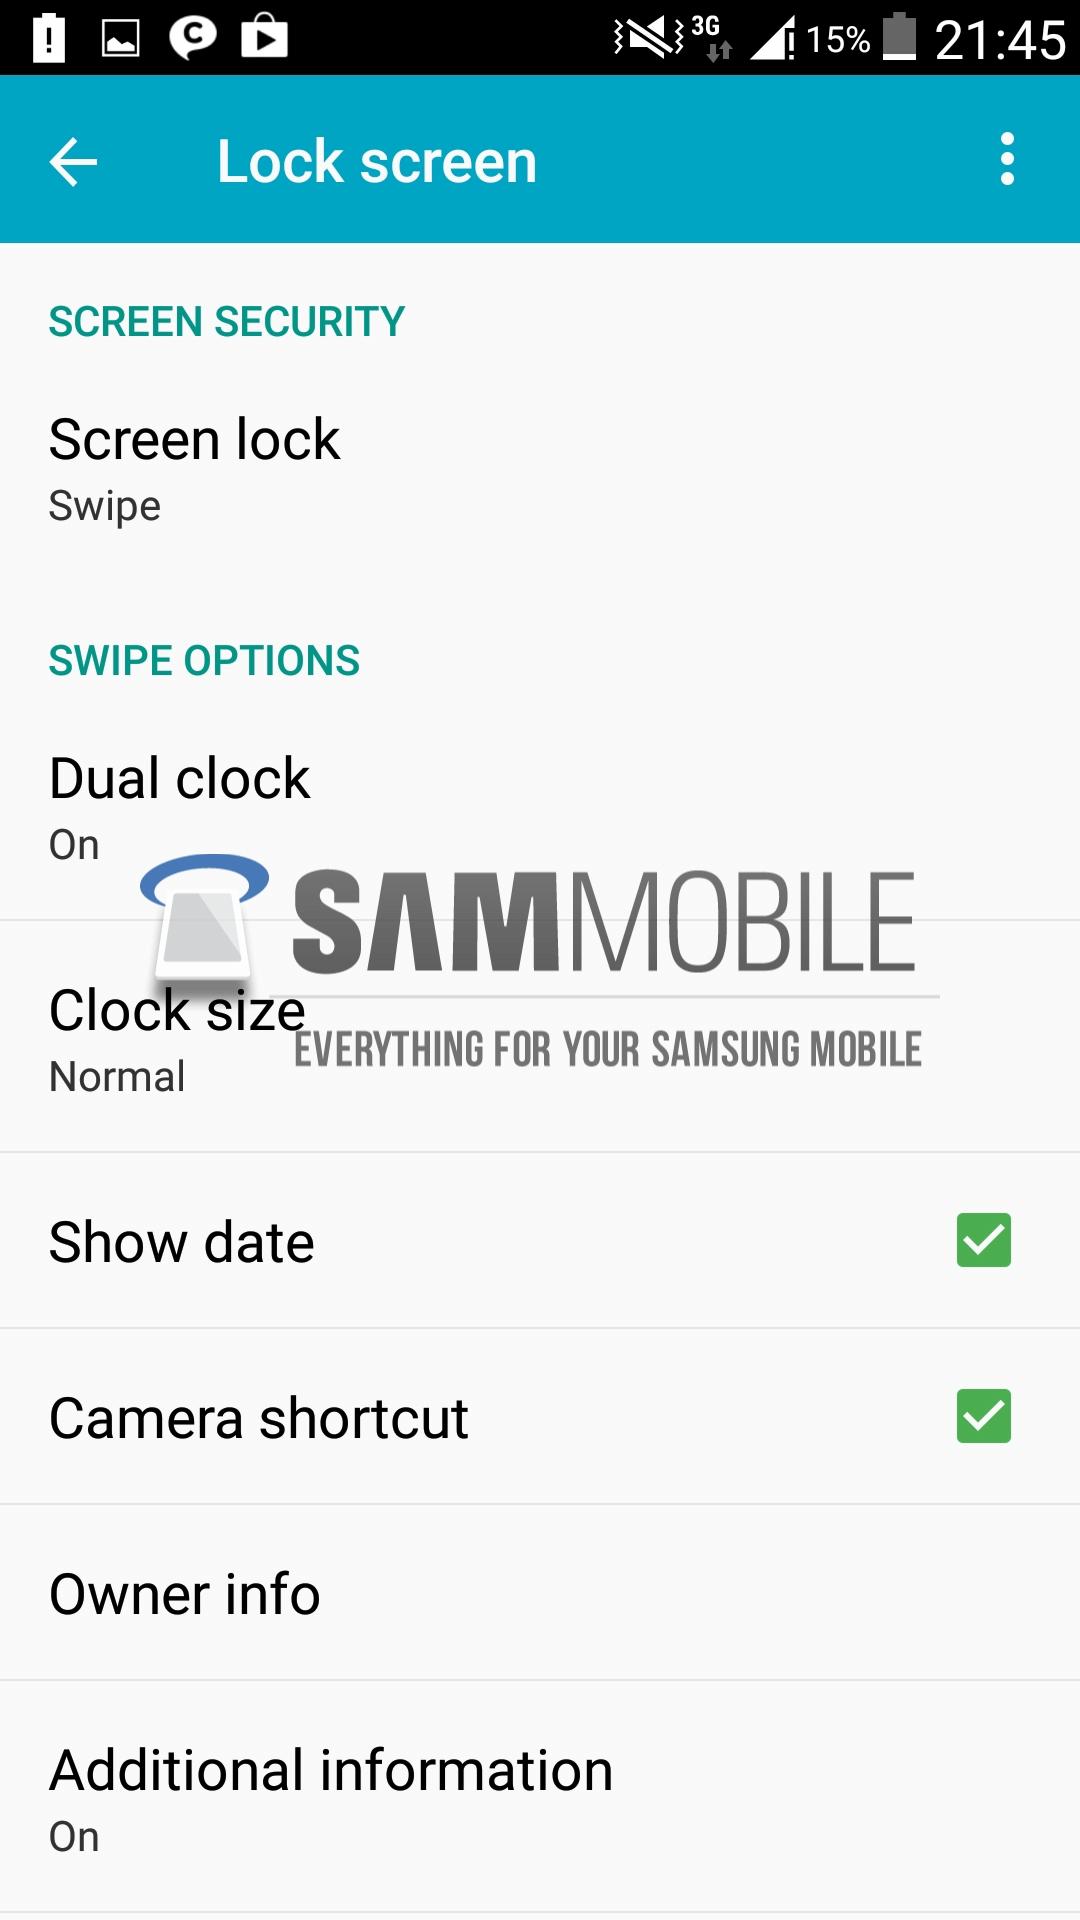 Configuración de Pantalla de Bloqueo (Lock Screen)